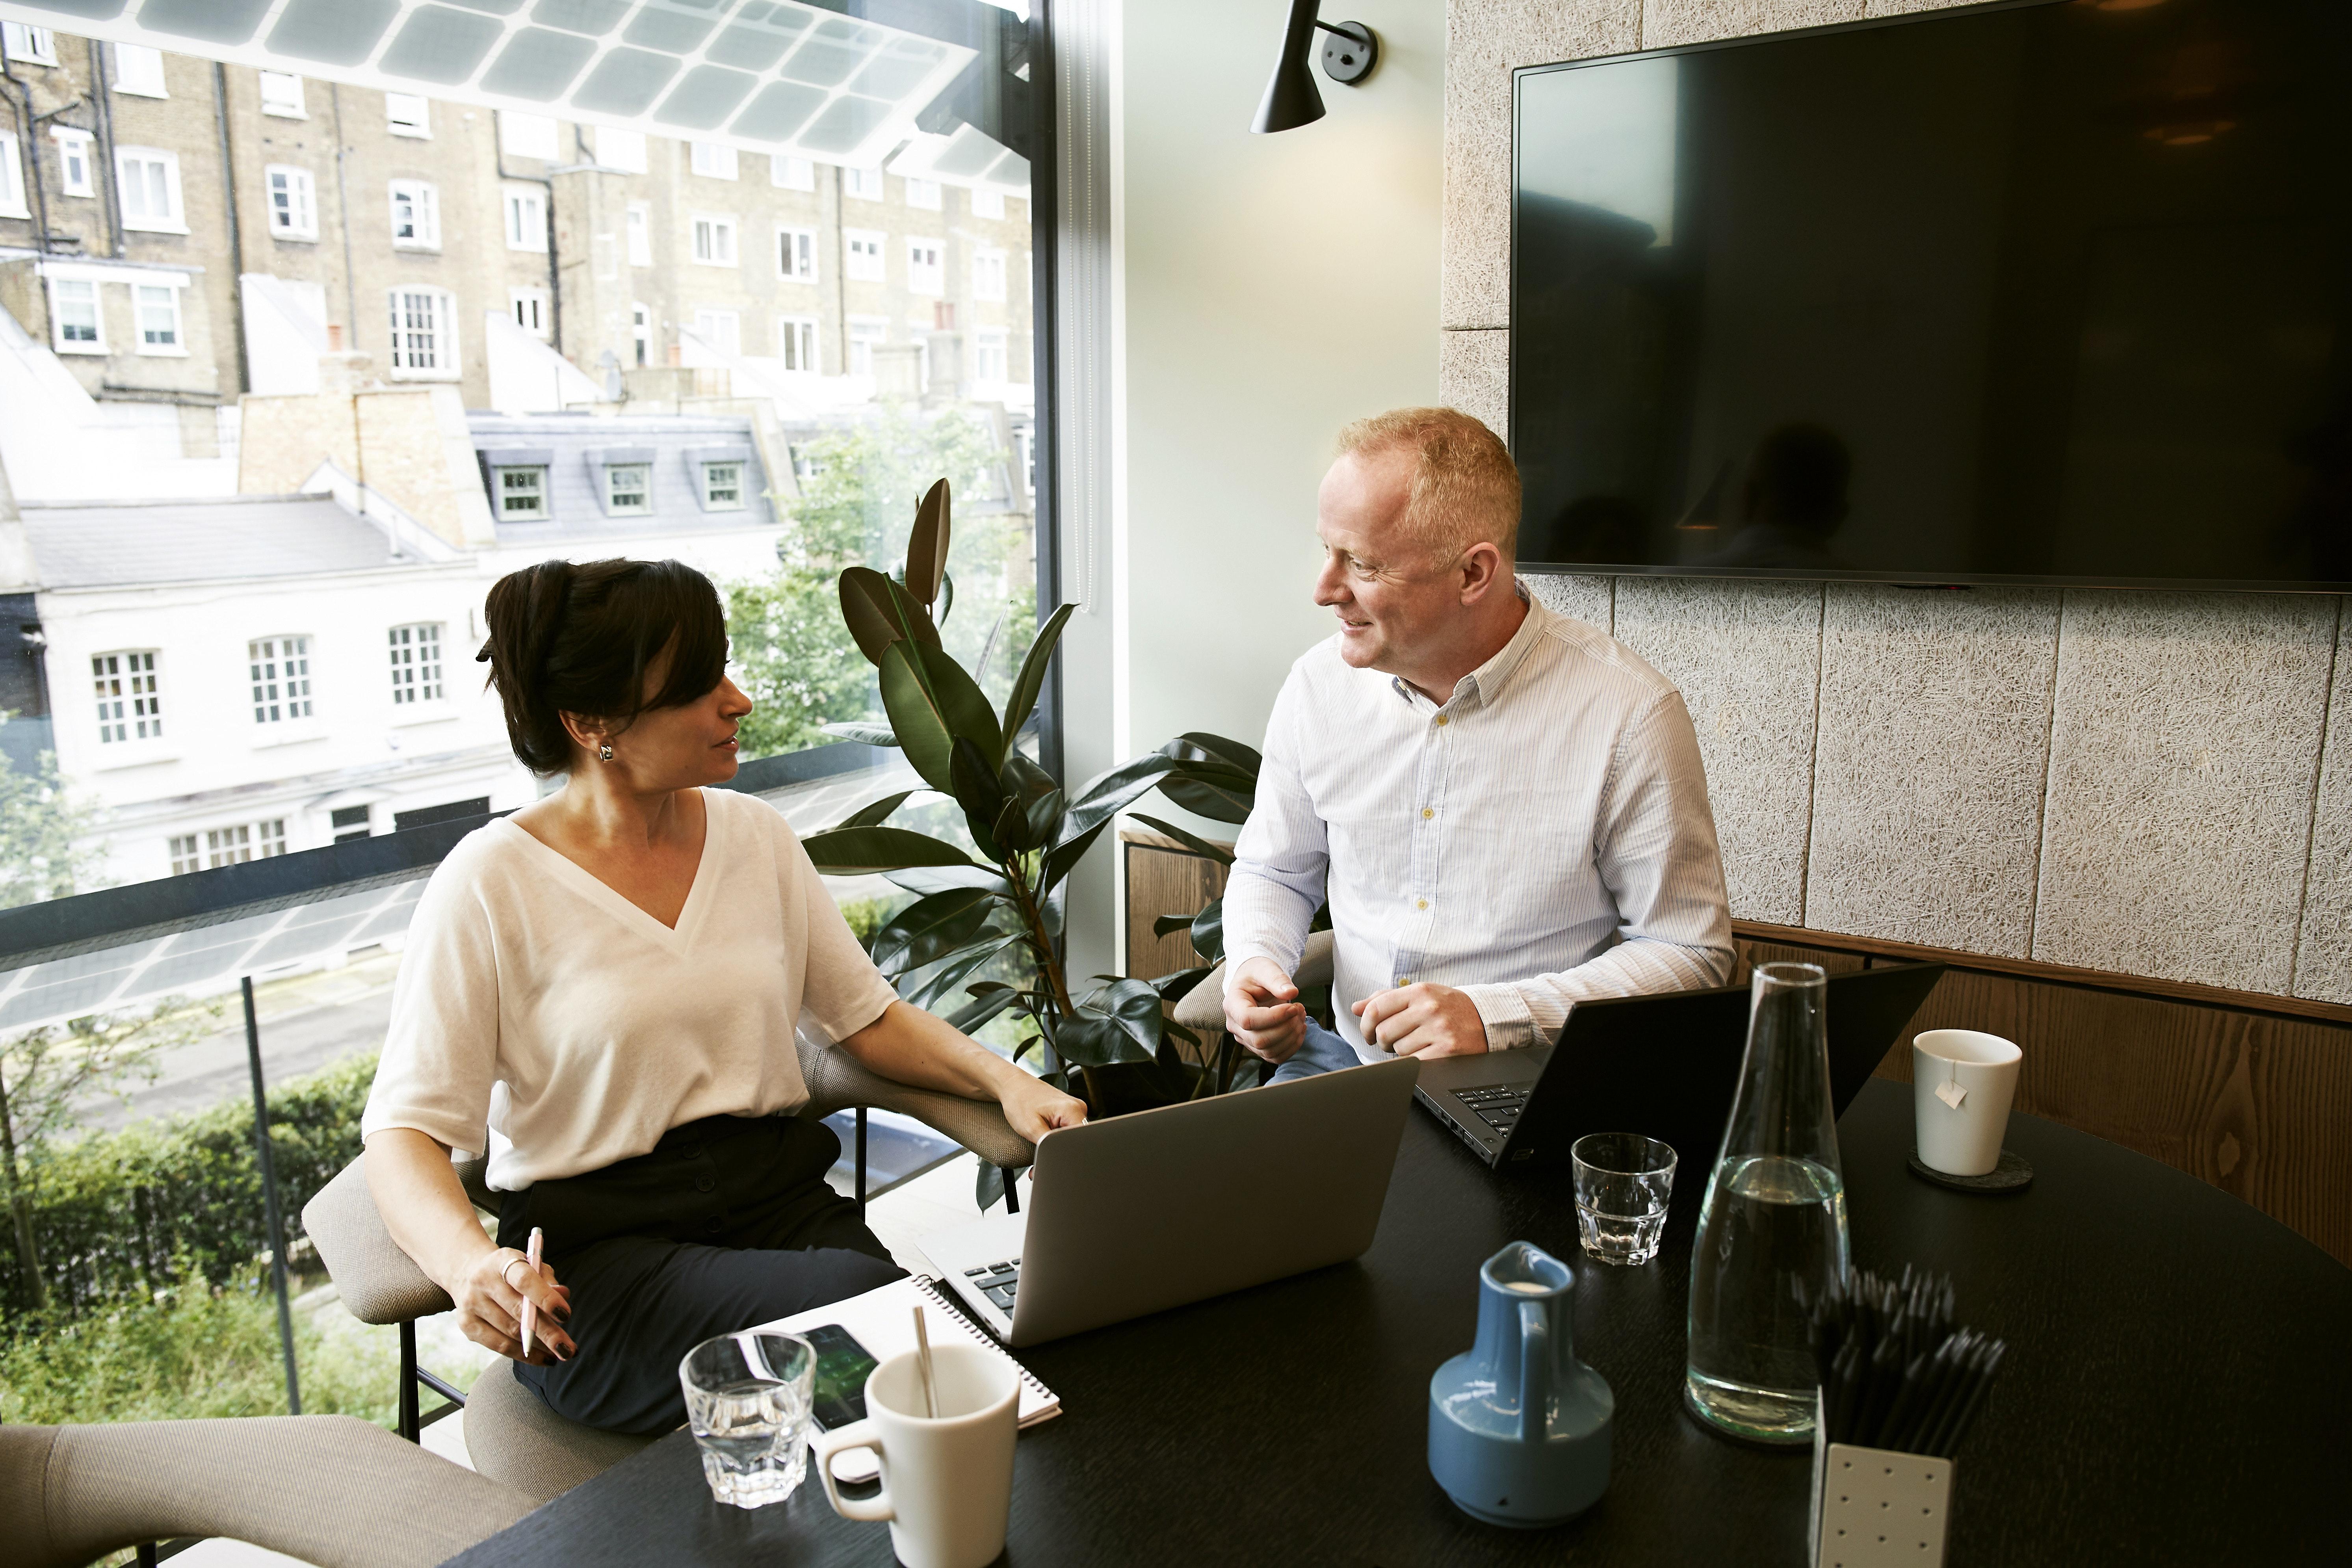 Как повысить эффективность менеджеров по продажам - инструкция